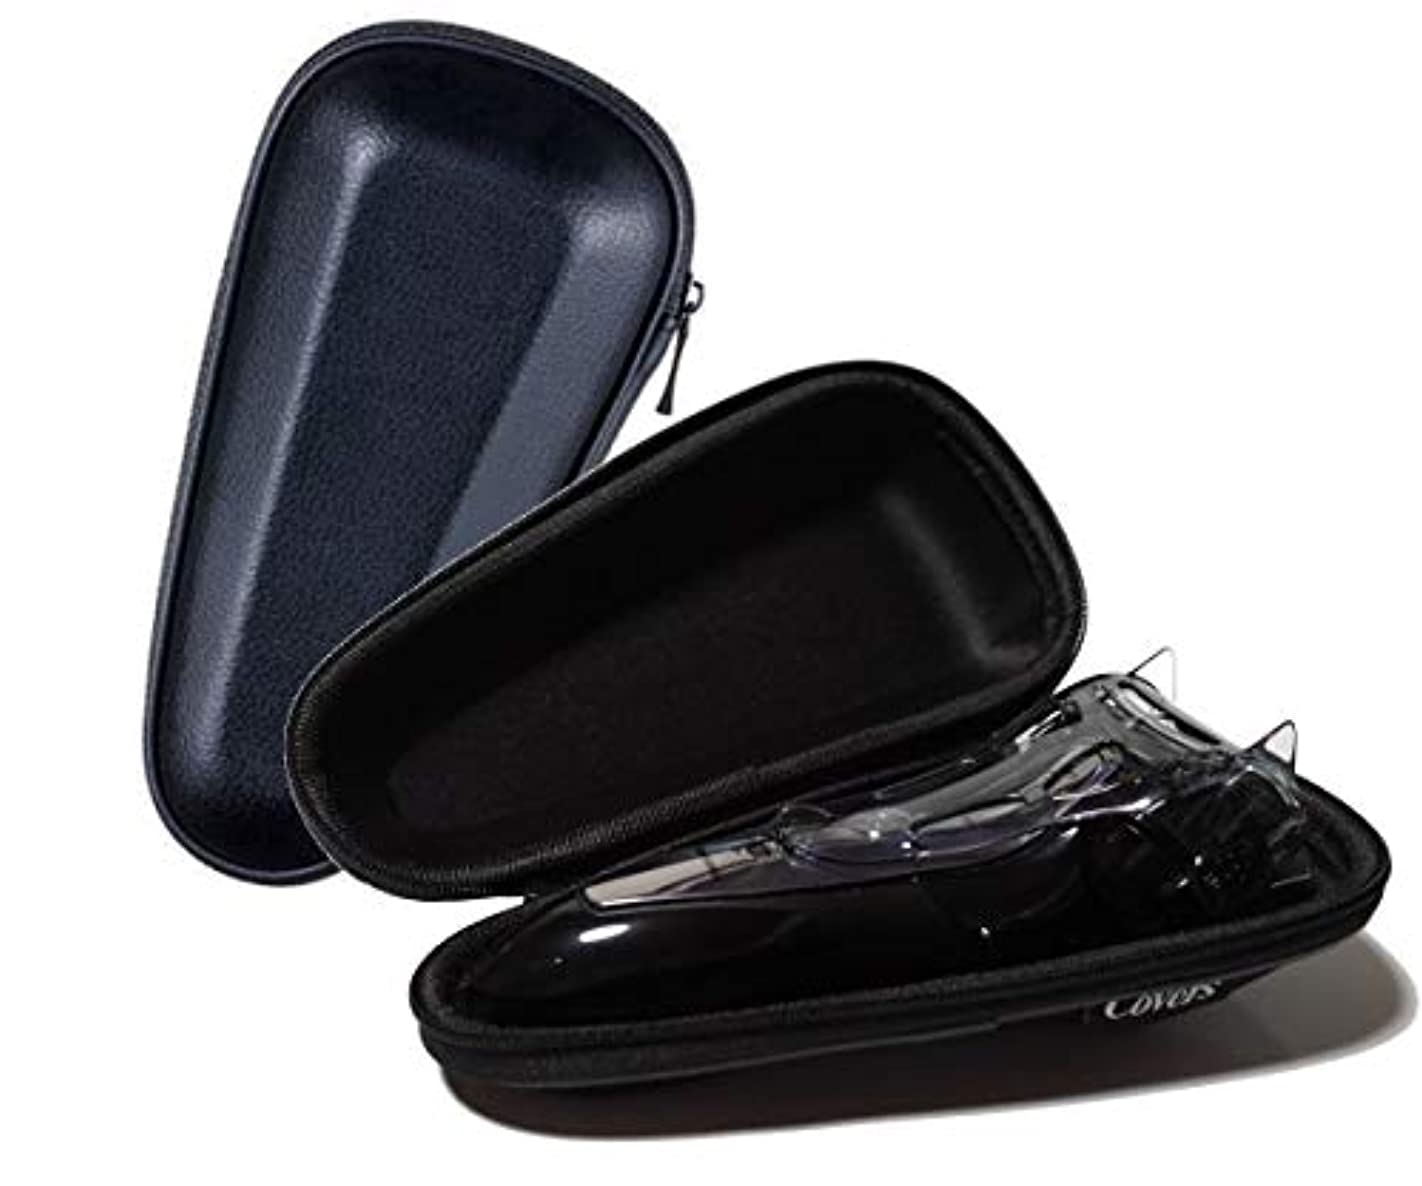 バッテリーダイエット汚物Covers メンズシェーバー用 収納ケース パナソニック(Panasonic) ラムダッシュ 専用互換 対応品番ES-2L13